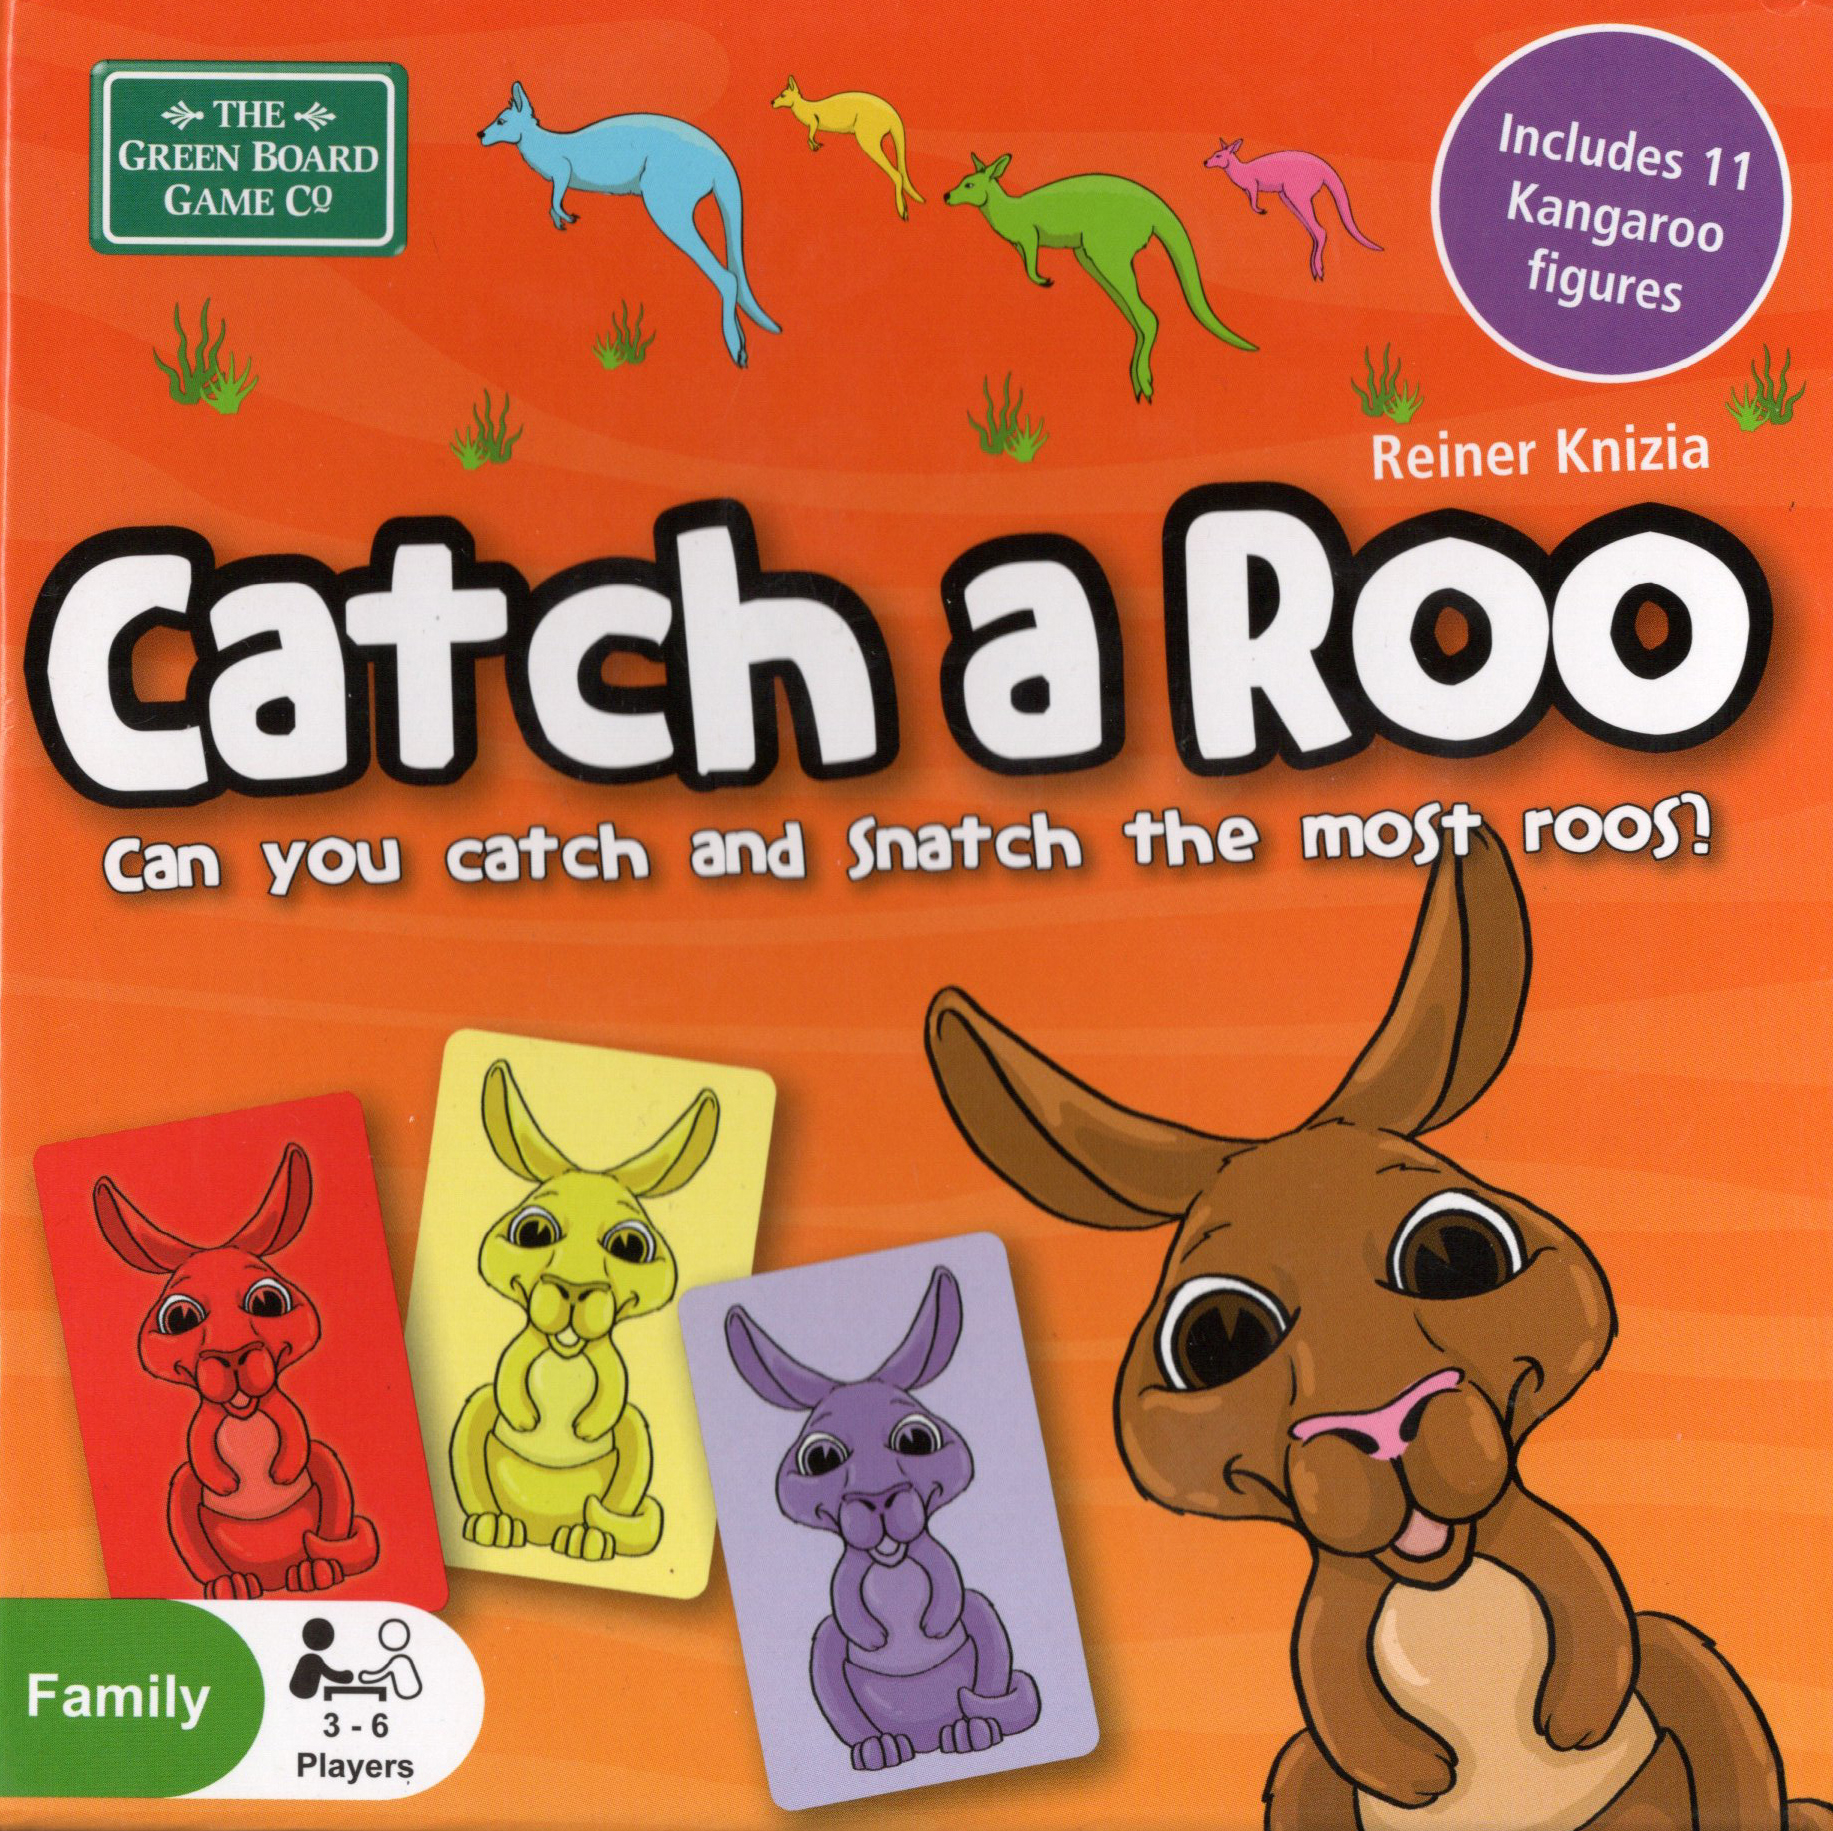 Catch a Roo box